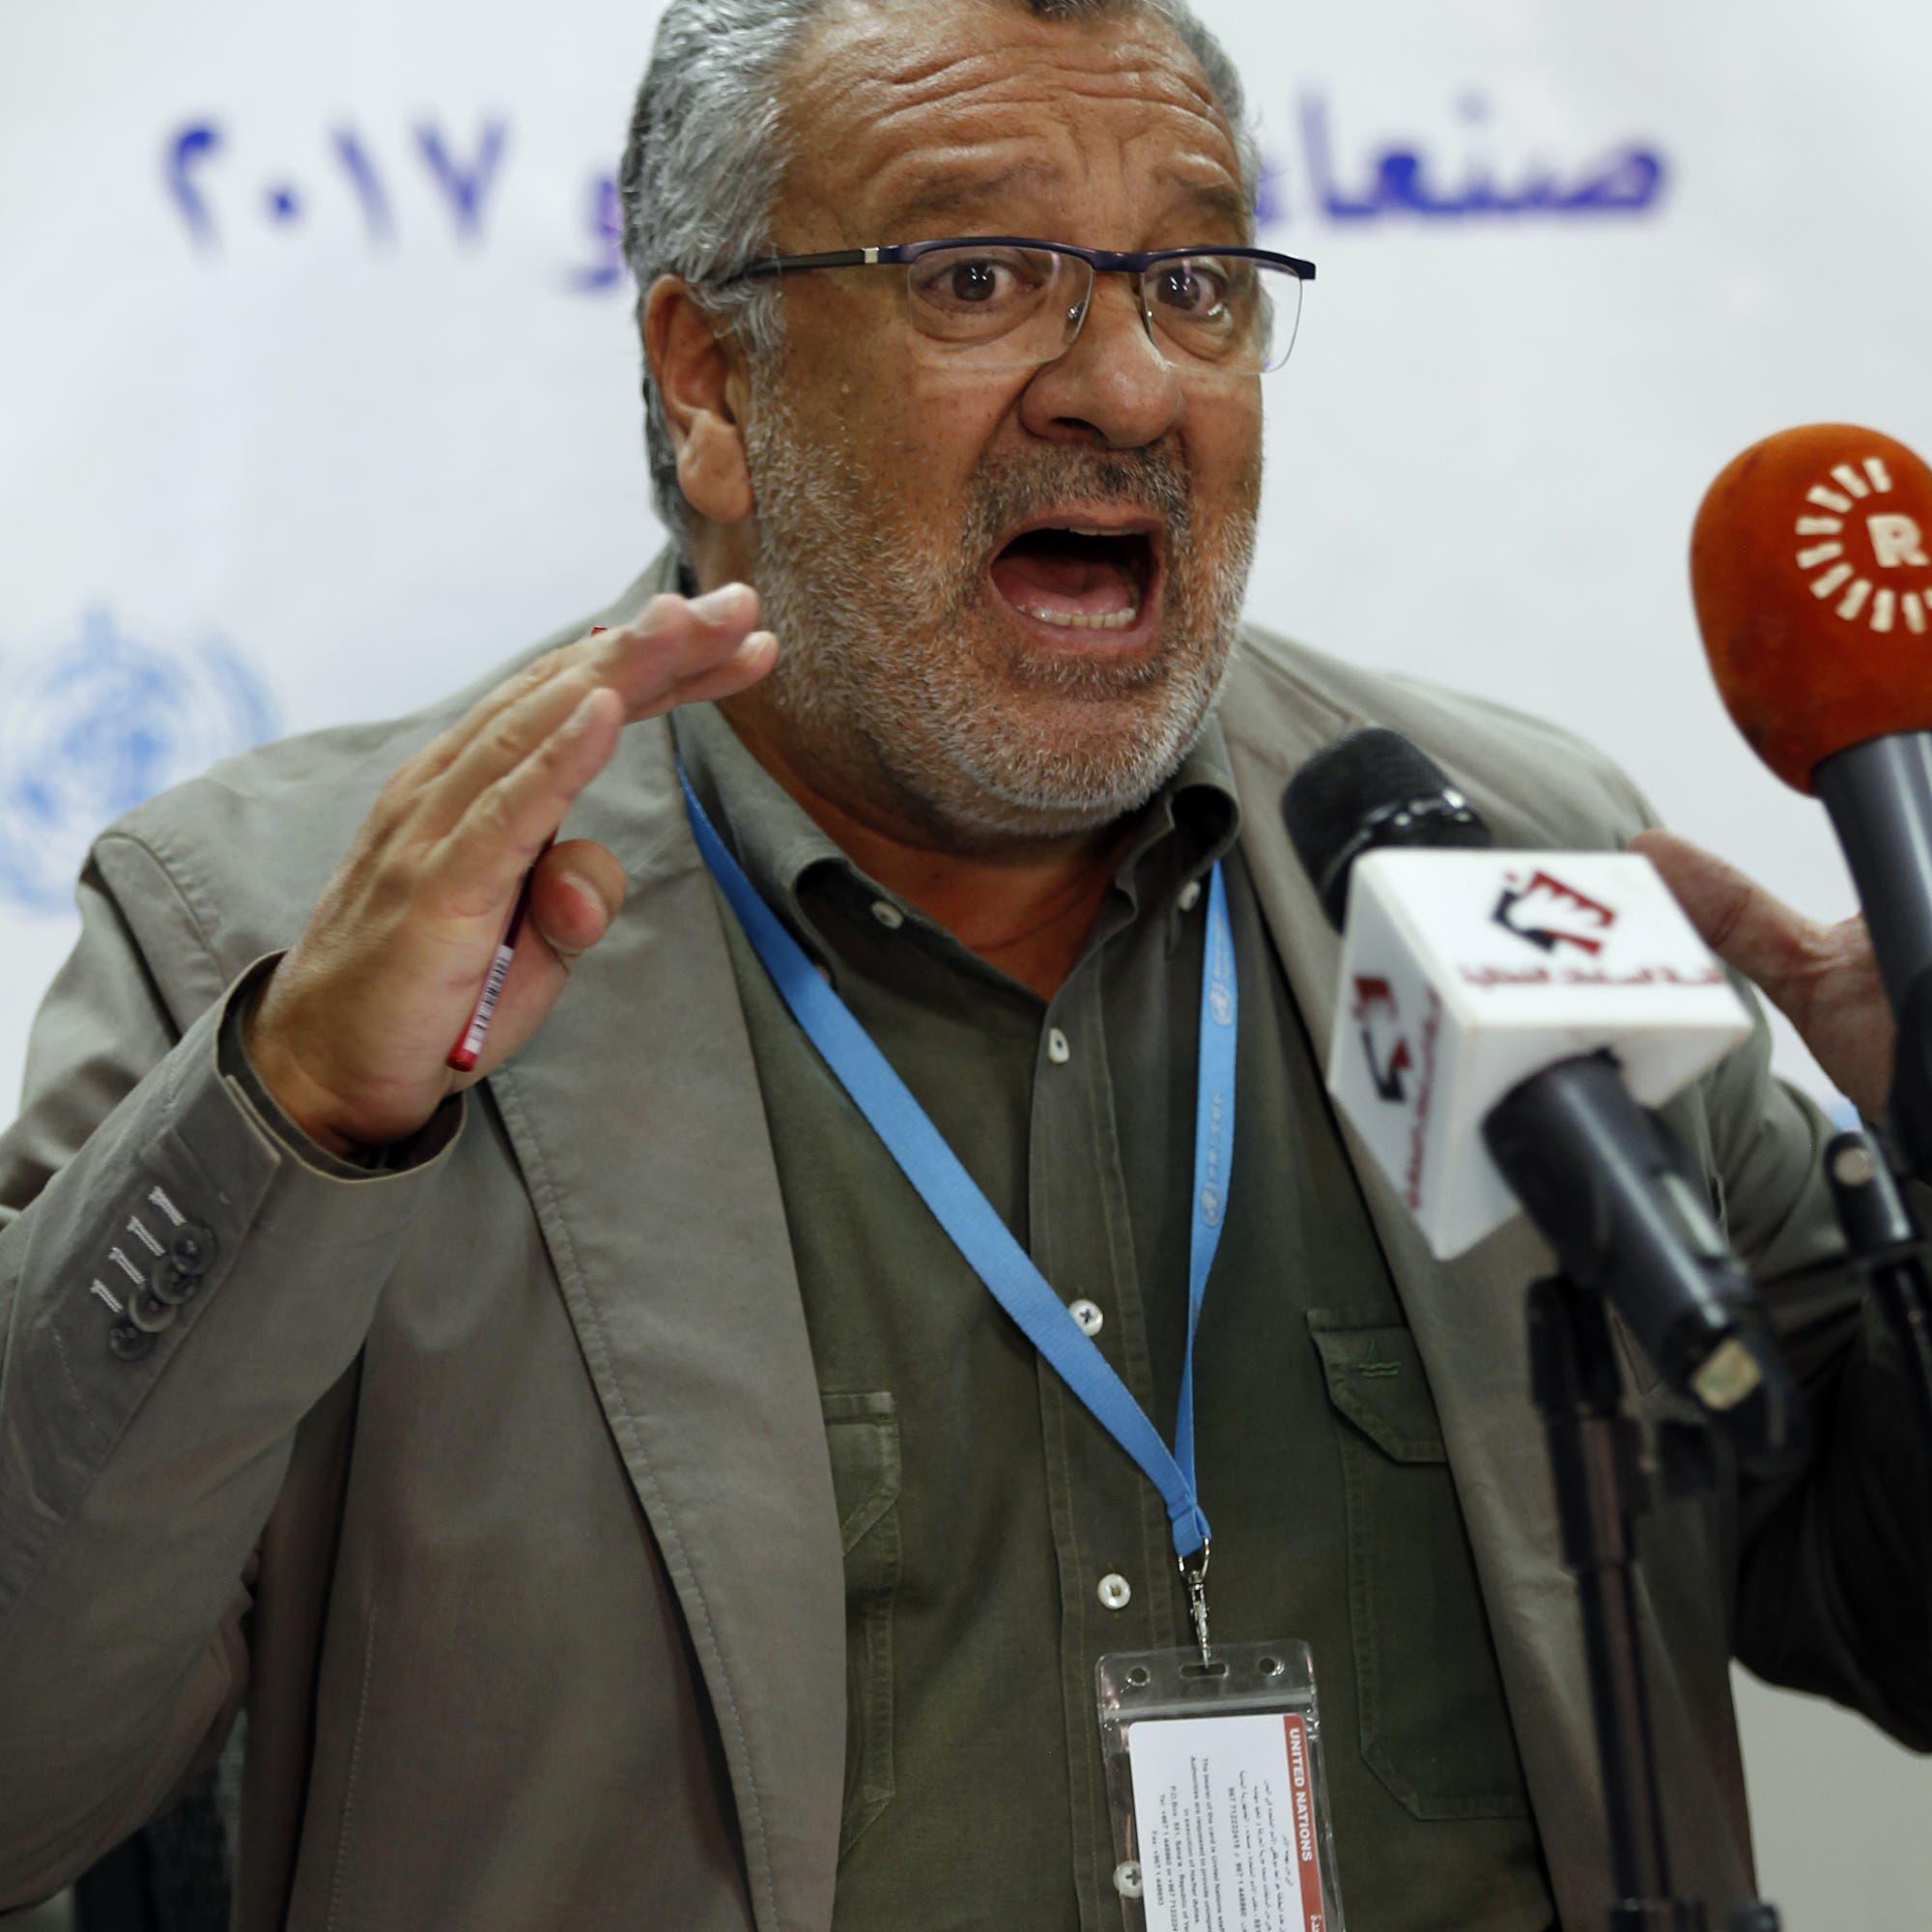 أسوشيتد برس: مسؤول أممي متورط بفساد المساعدات مع الحوثي